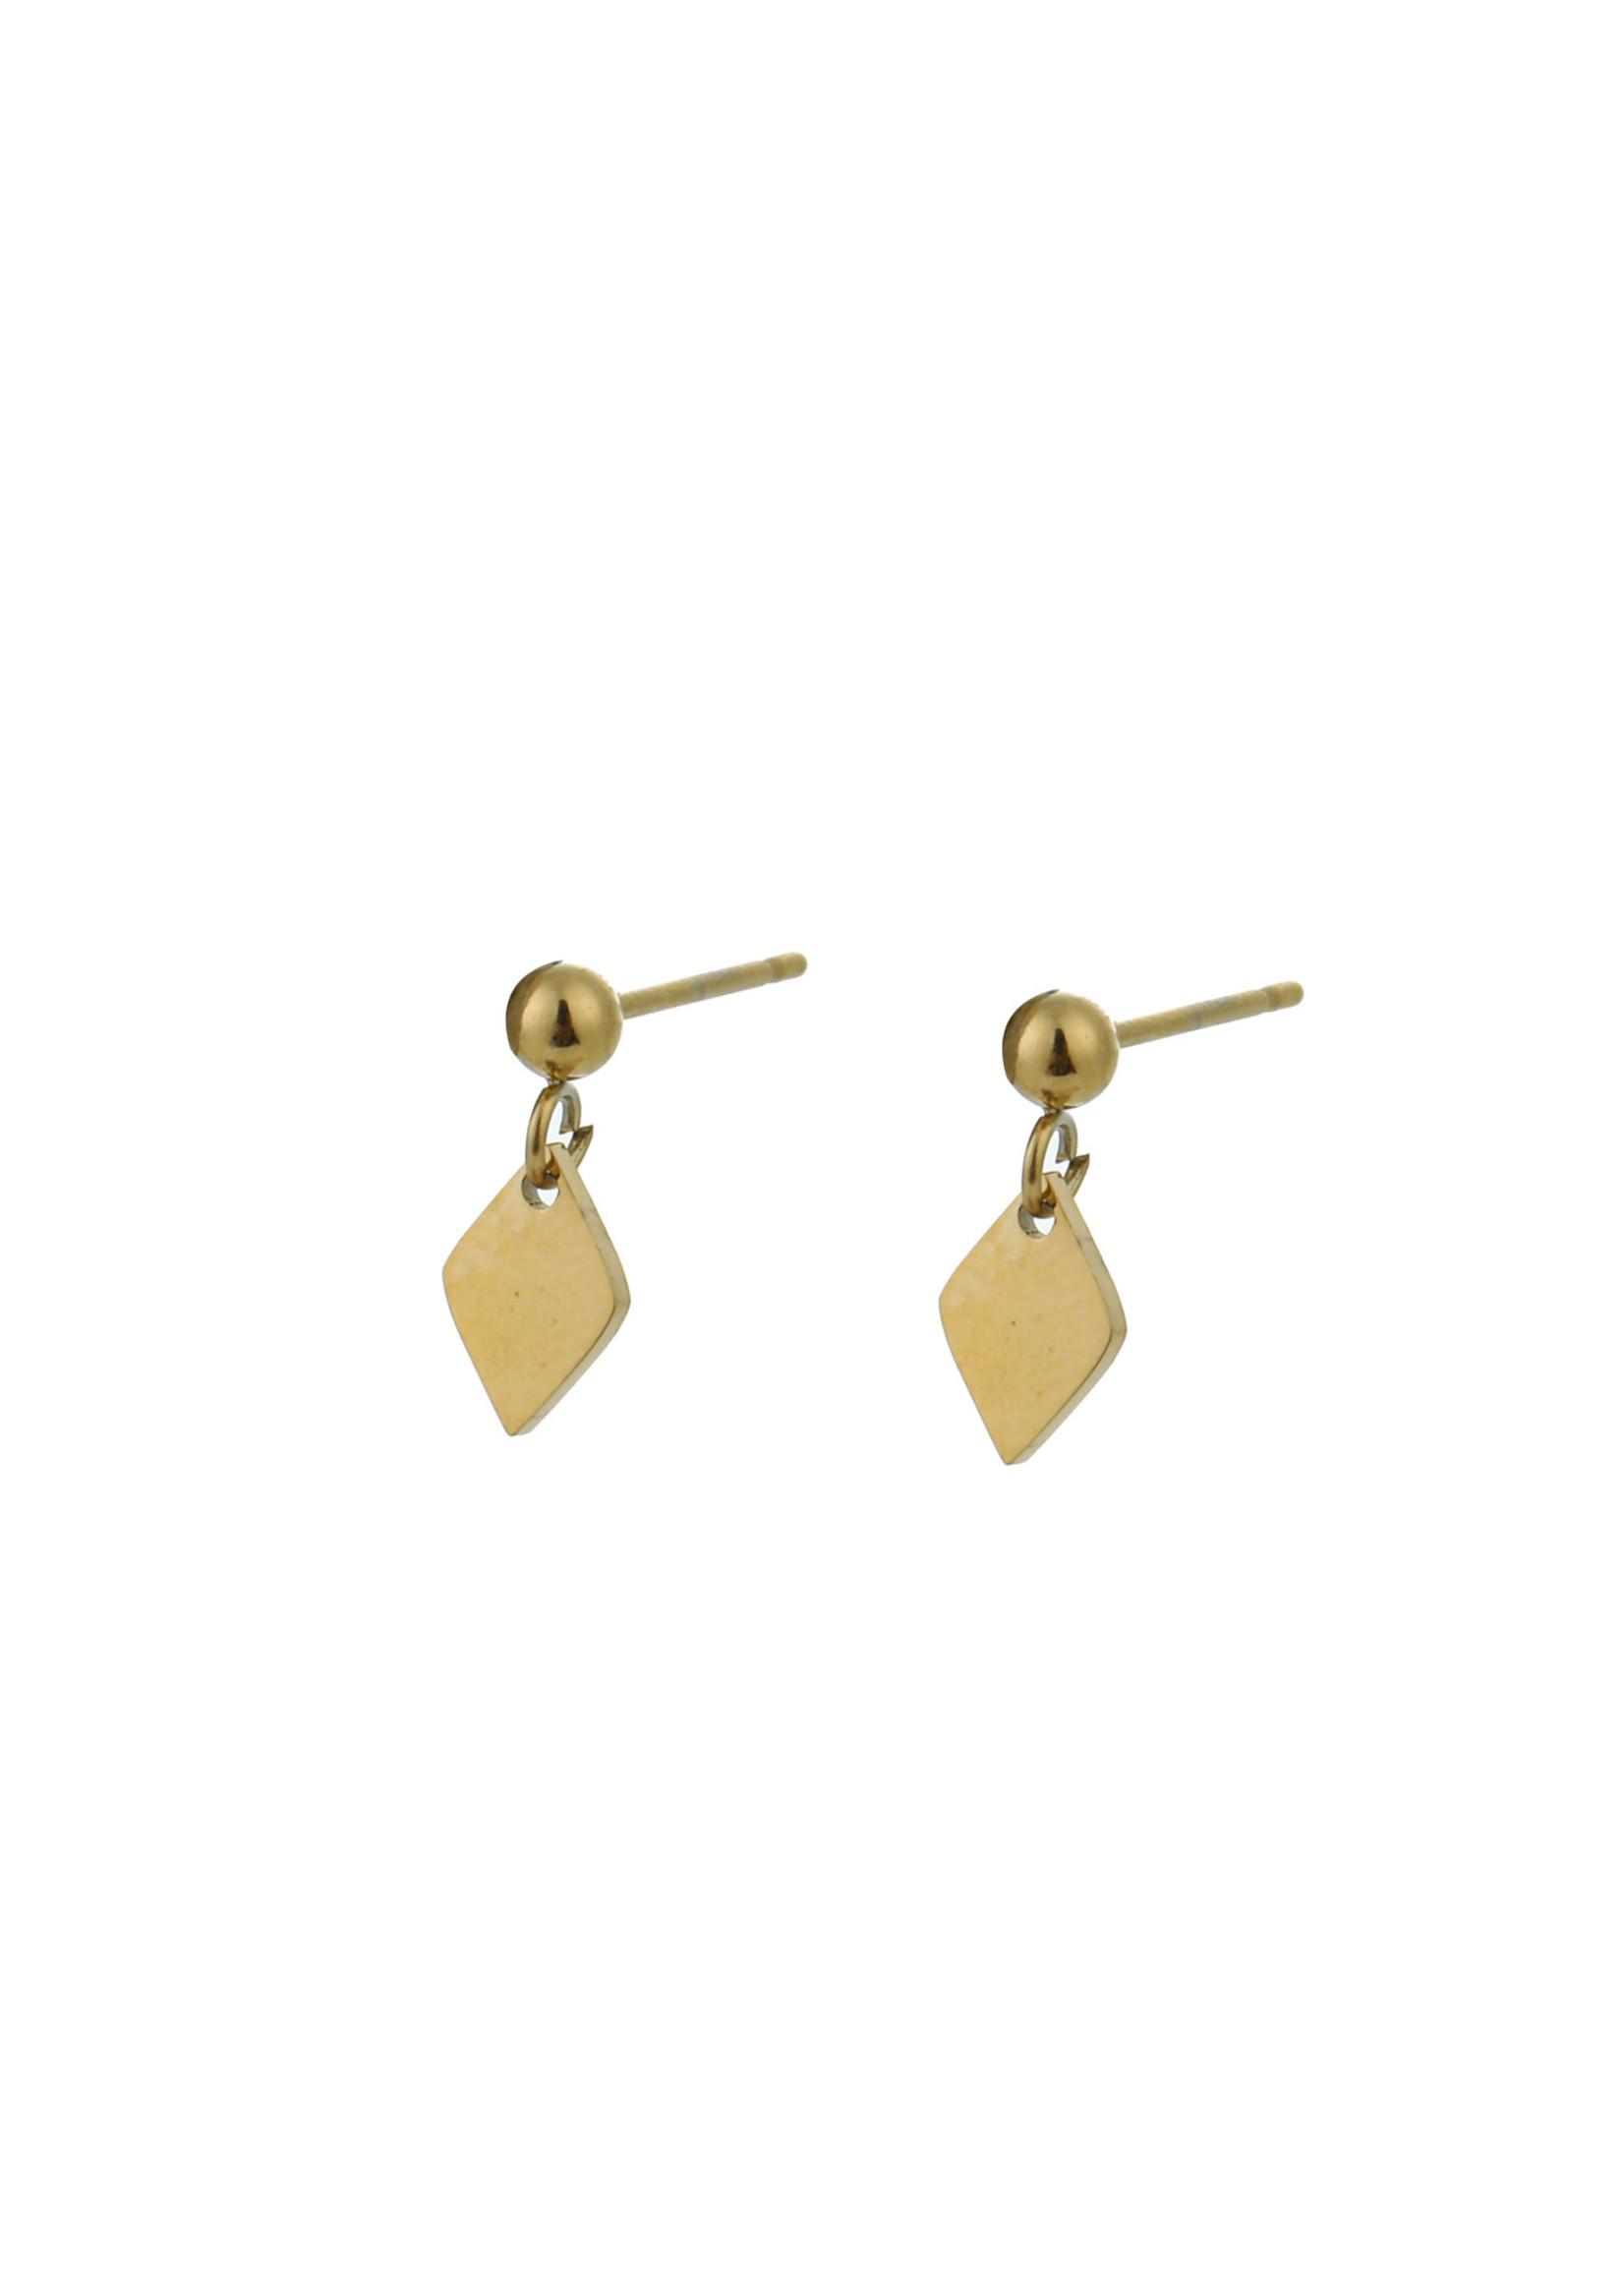 Oorbel goud ruit E0903-2